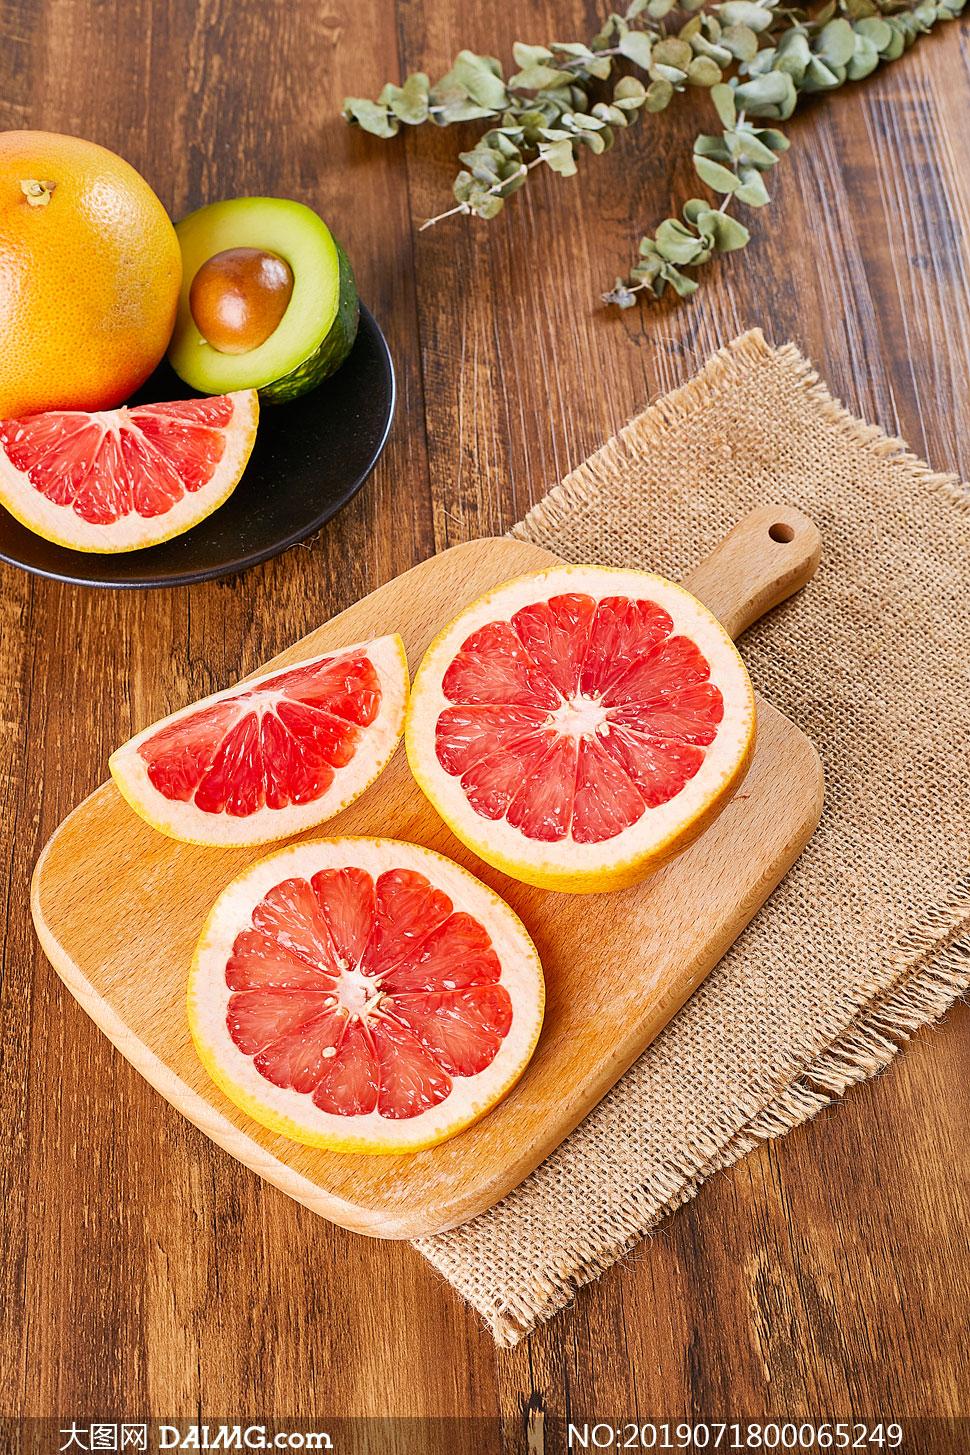 切开的西柚水果高清摄影图片